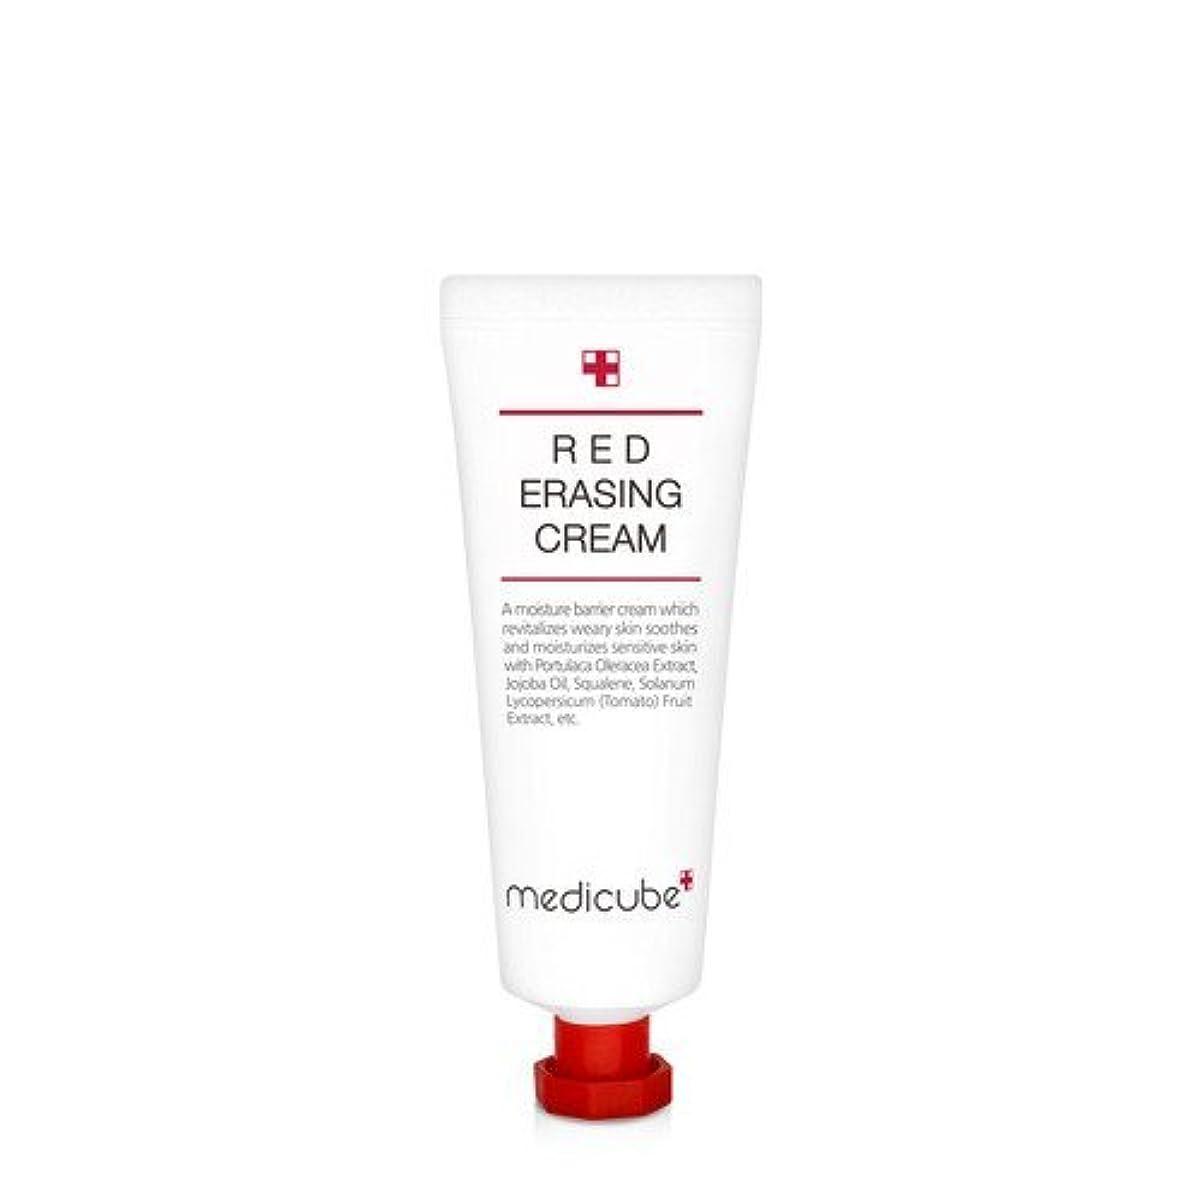 薬剤師合併症葬儀[Medicube]Red Erasing Cream 50g / メディキューブレッドイレイジングクリーム / 正品?海外直送商品 [並行輸入品]